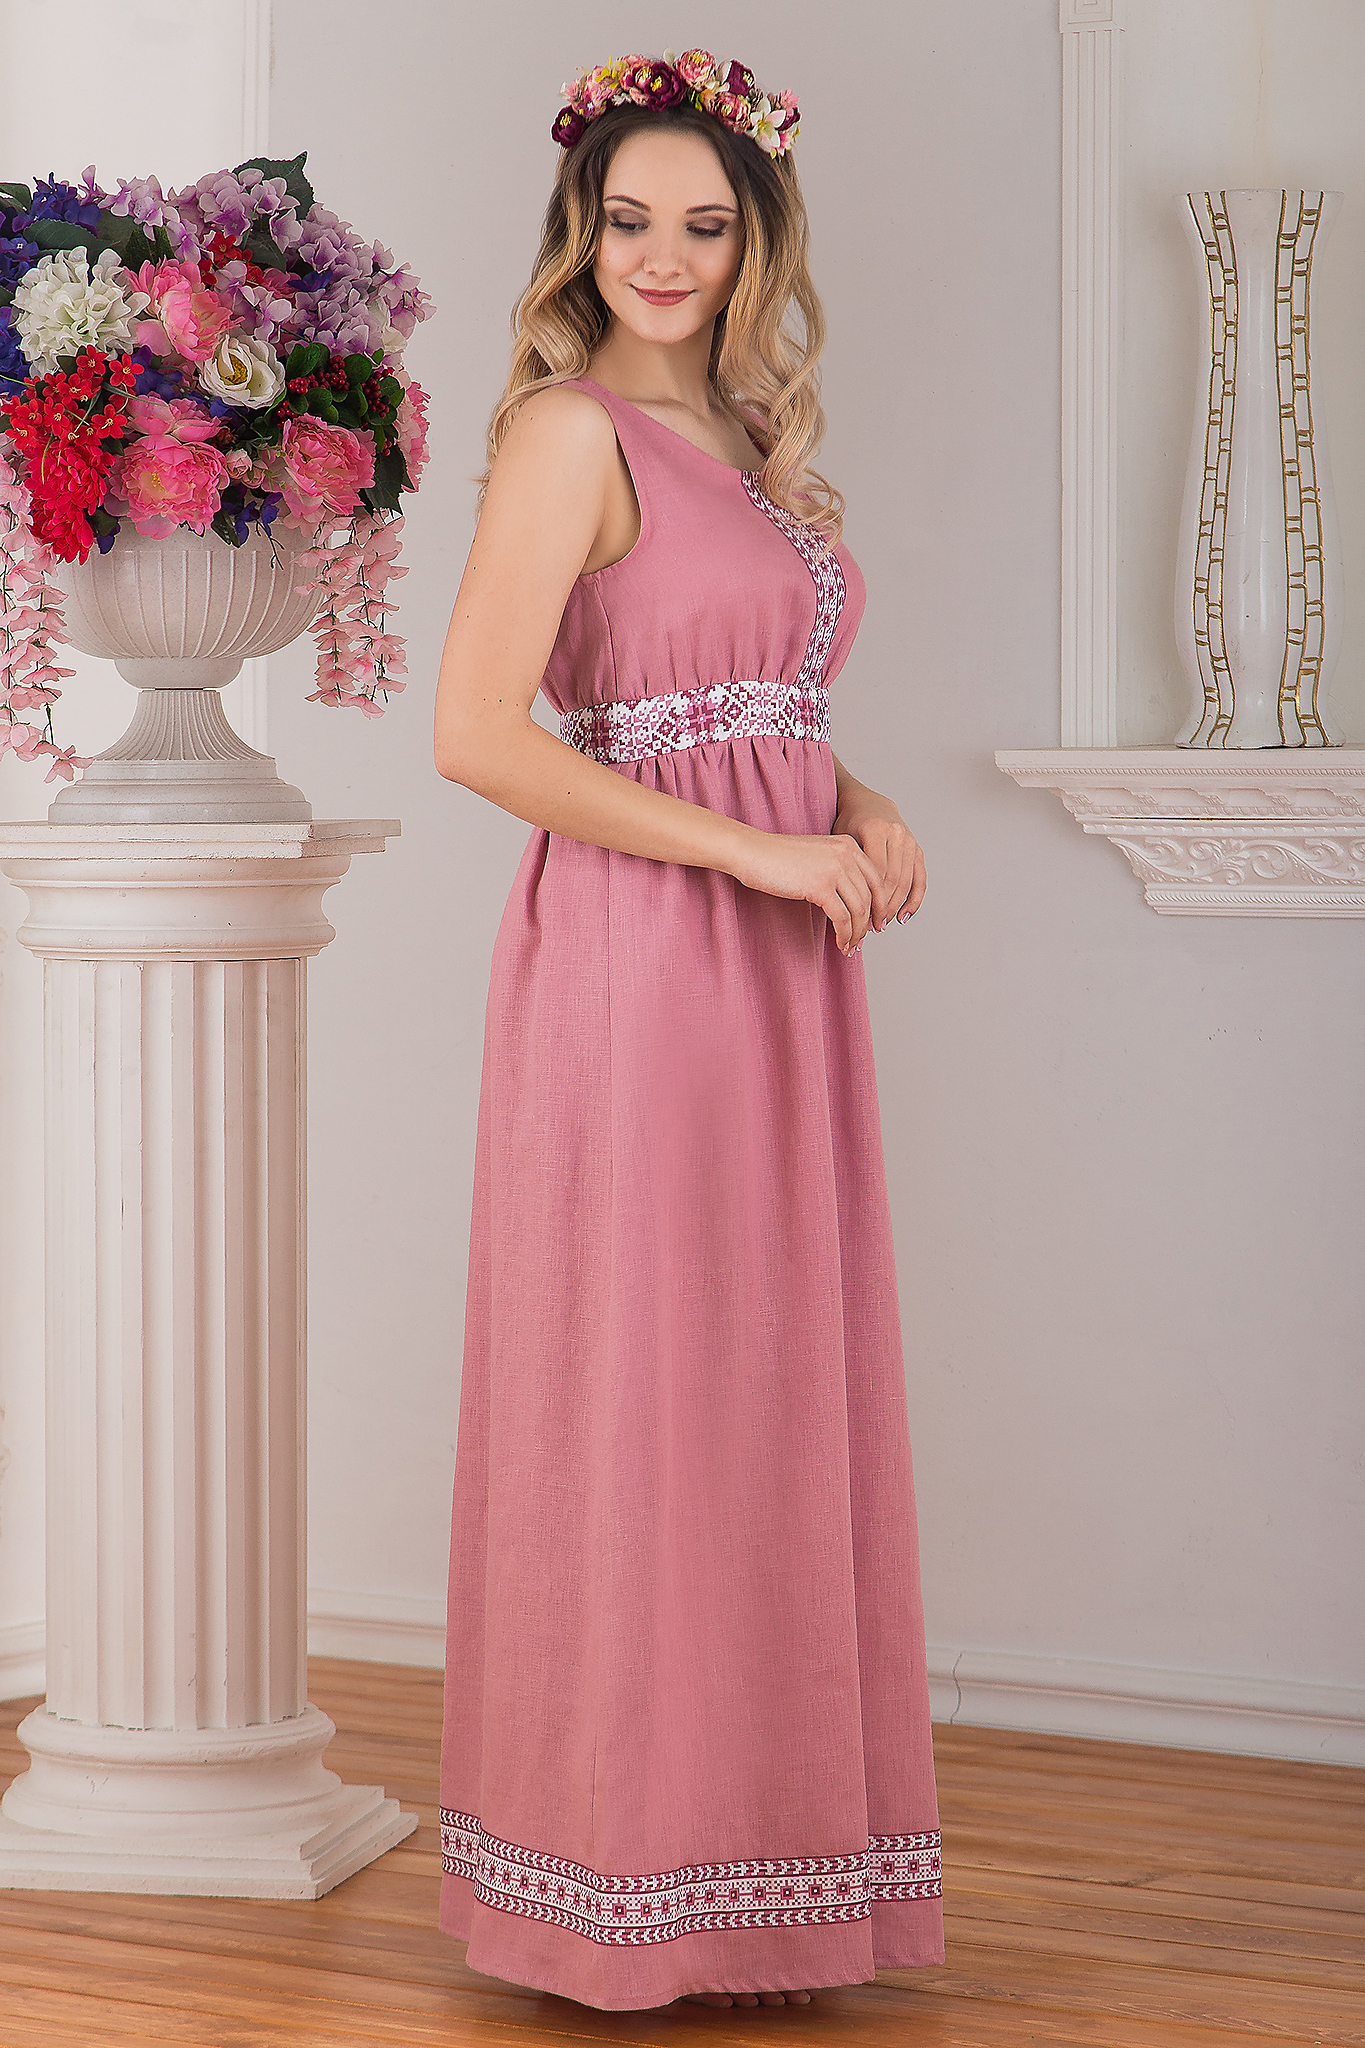 Сарафан традиционный розовый льняной Алатырь от Иванка вид сбоку